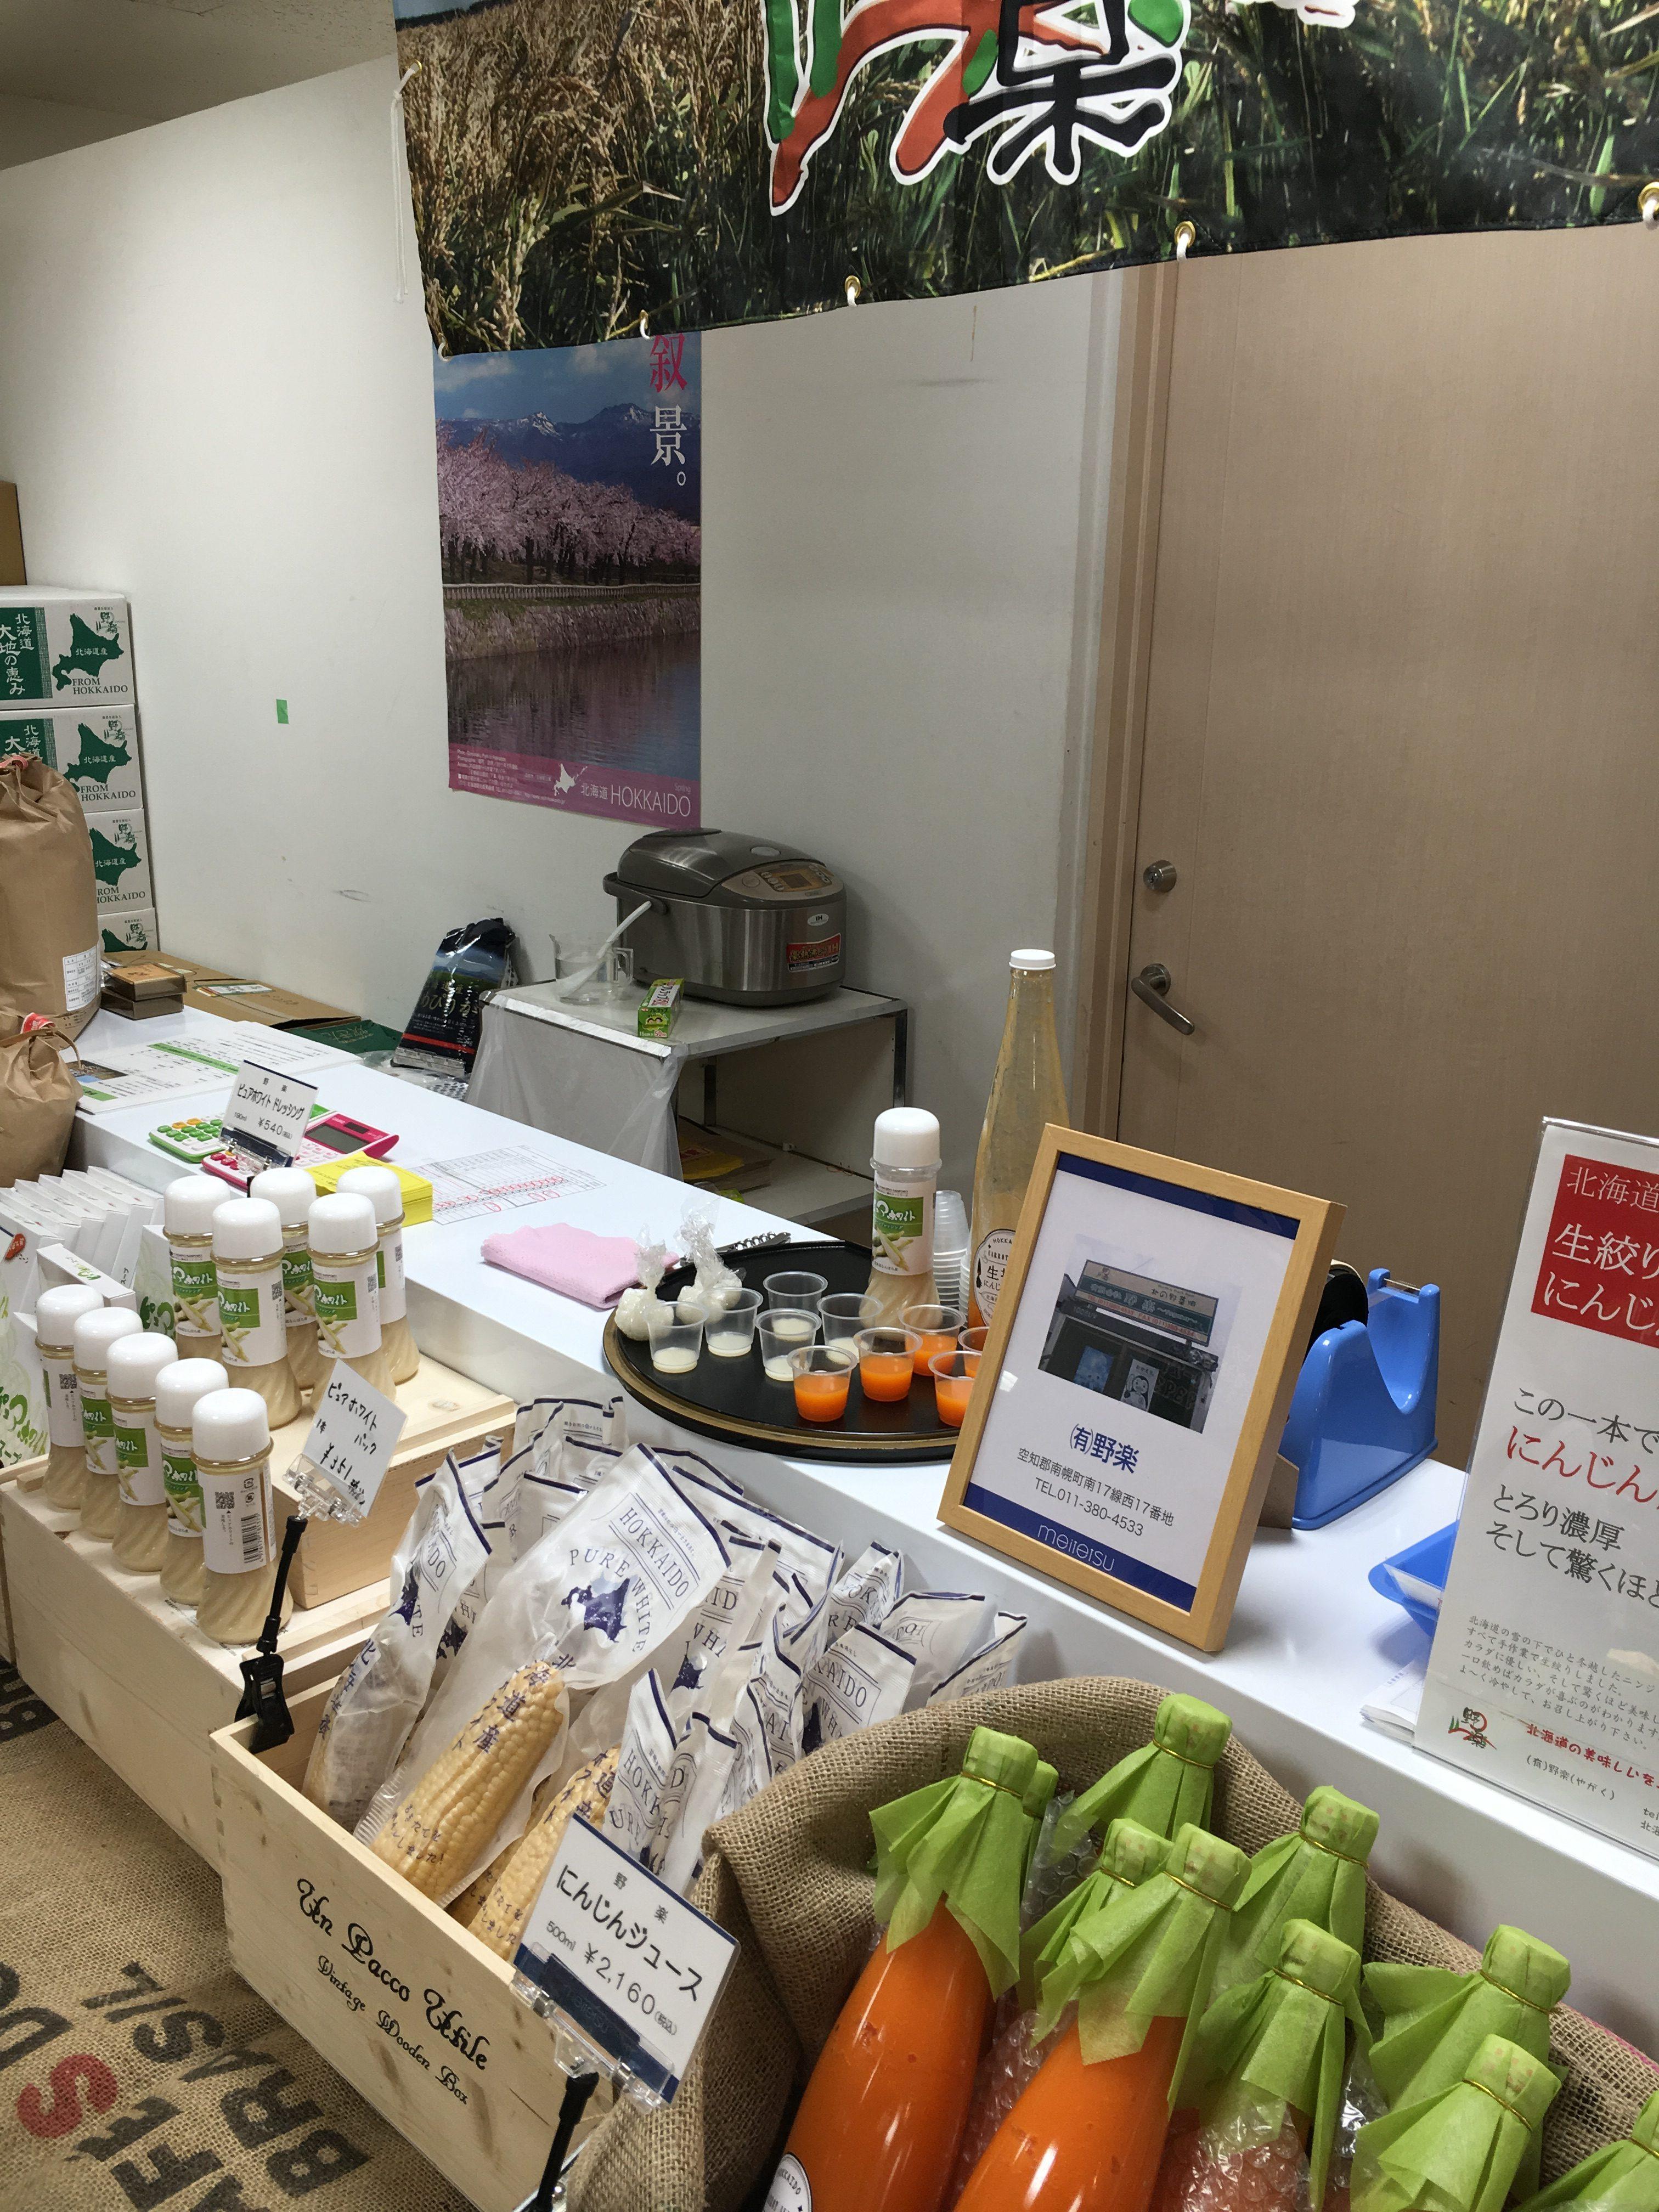 《激甘》北海道 南幌町 野楽さんのとうもろこし ピュアホワイト、あまいんです。